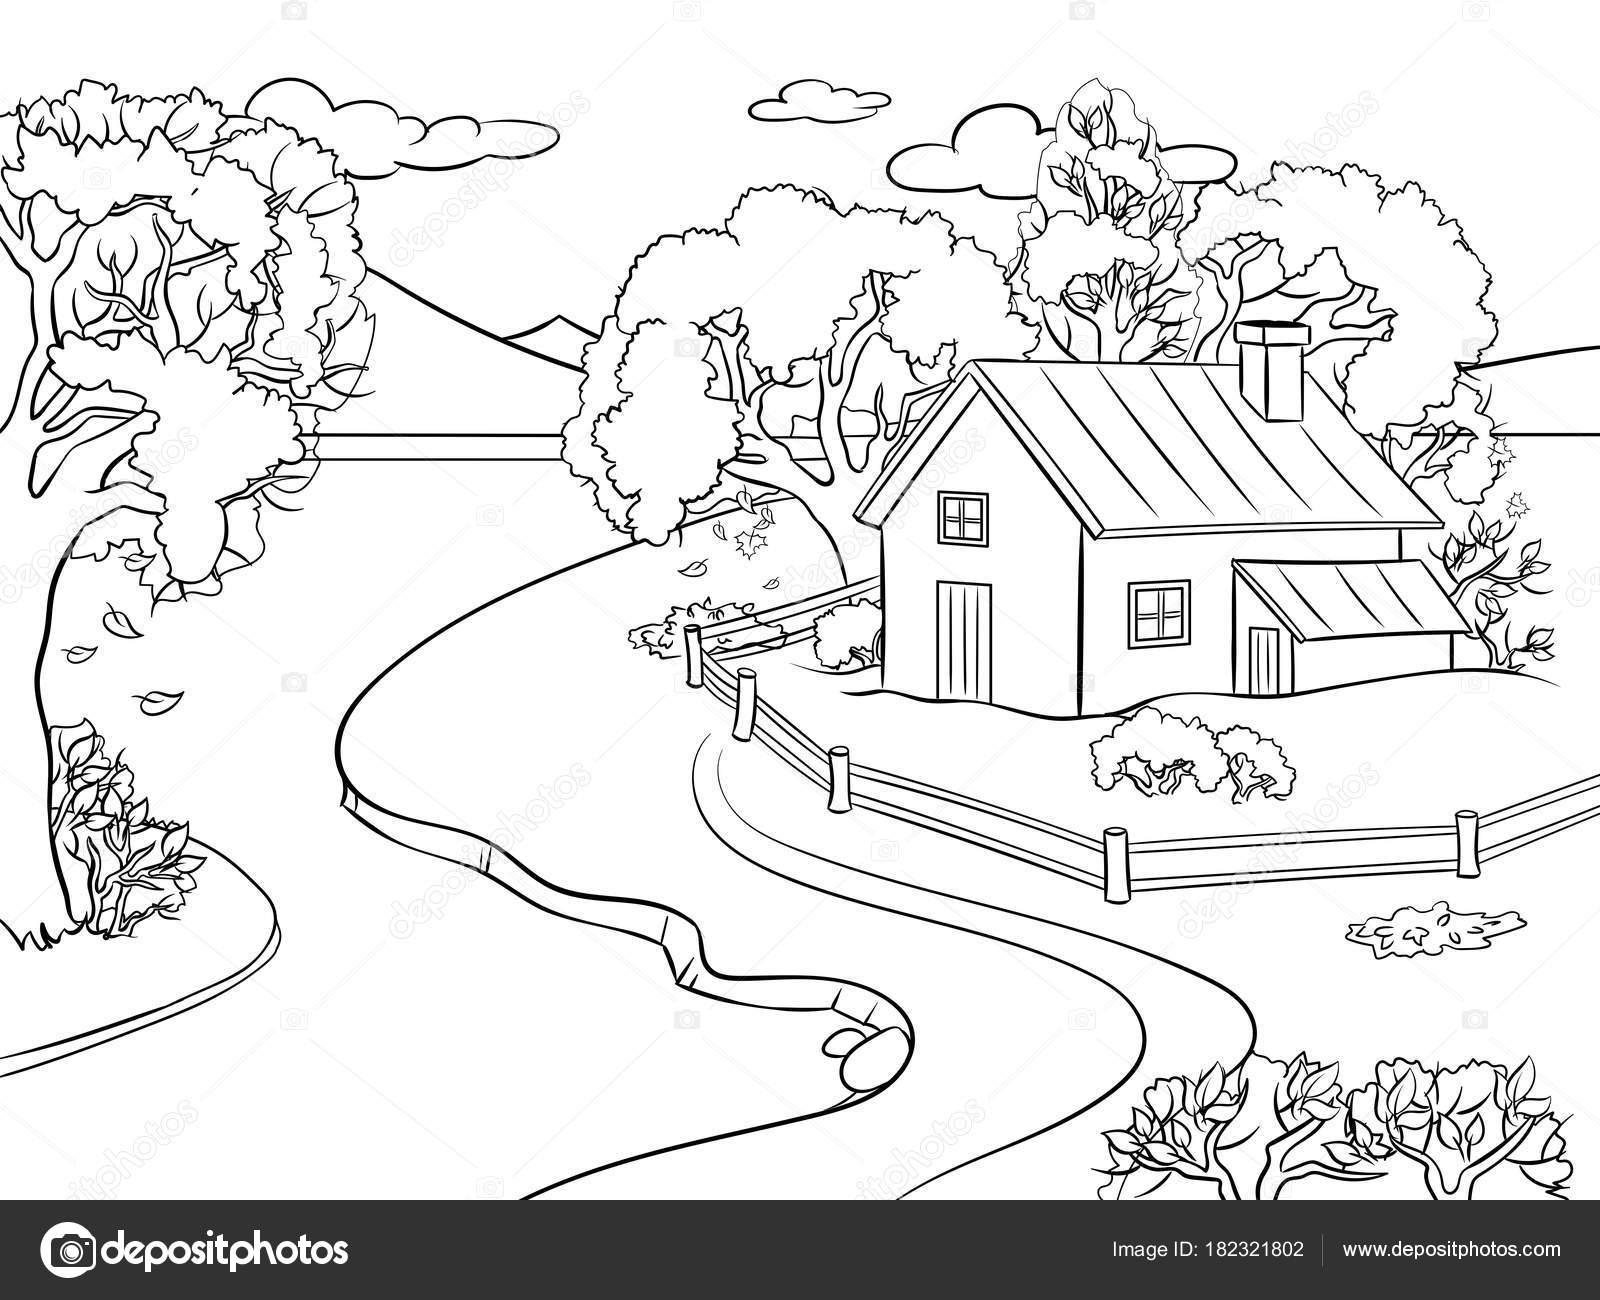 Dibujo De La Palabra Otoño Para Colorear Con Los Niños: Imágenes: Paisajes De Otoño Para Dibujar